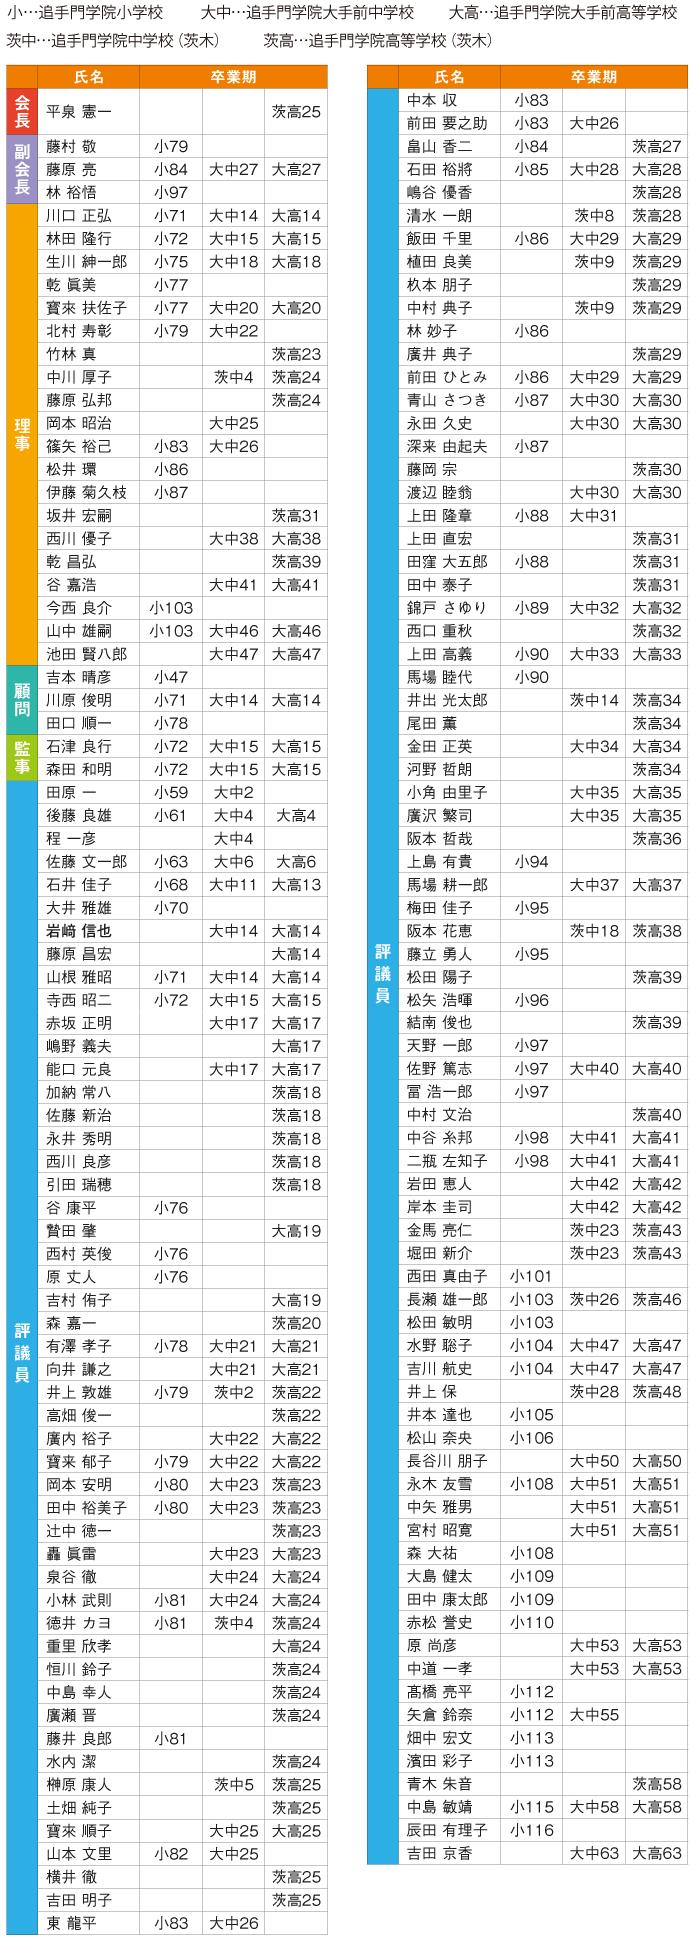 2017_2019_hyougin